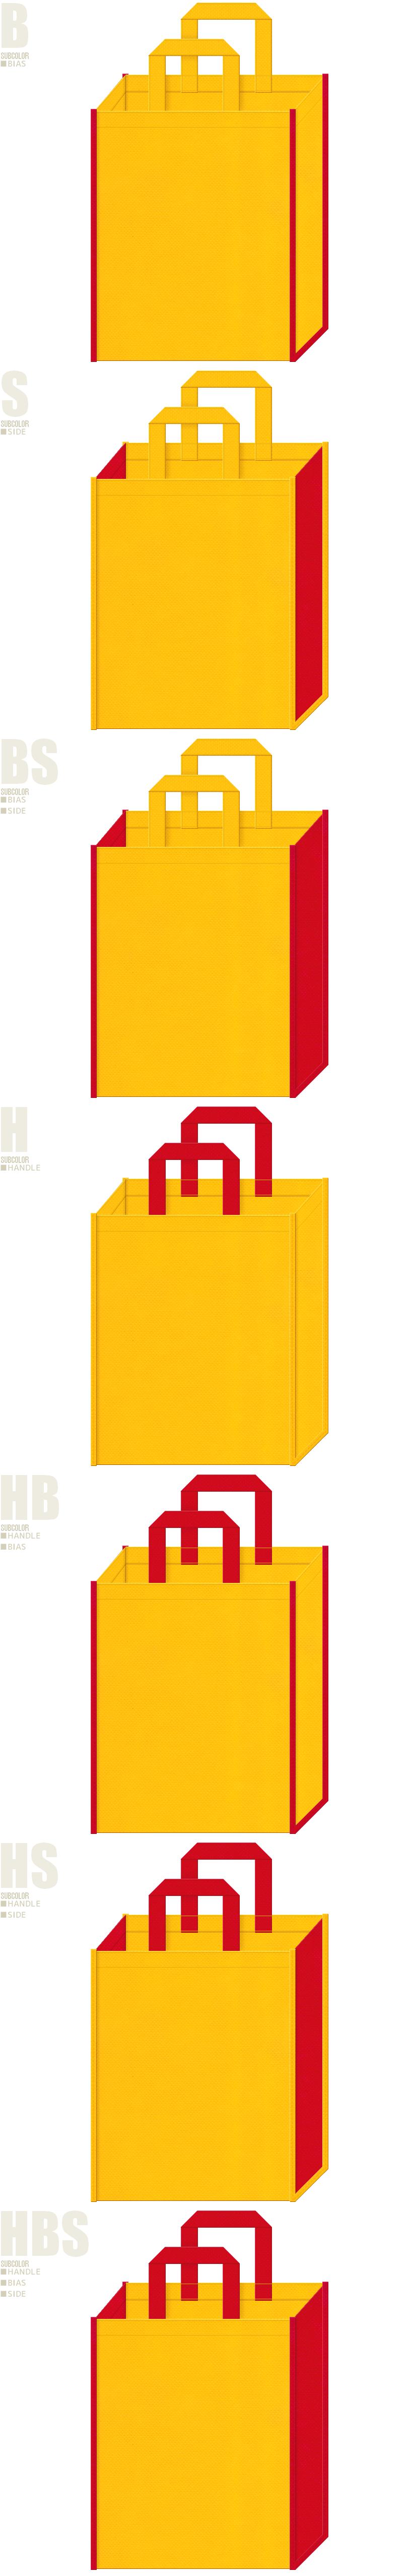 おもちゃ・遊園地・テーマパーク・アフリカのイメージにお奨めの不織布バッグデザイン:黄色と紅色の不織布バッグ配色7パターン。